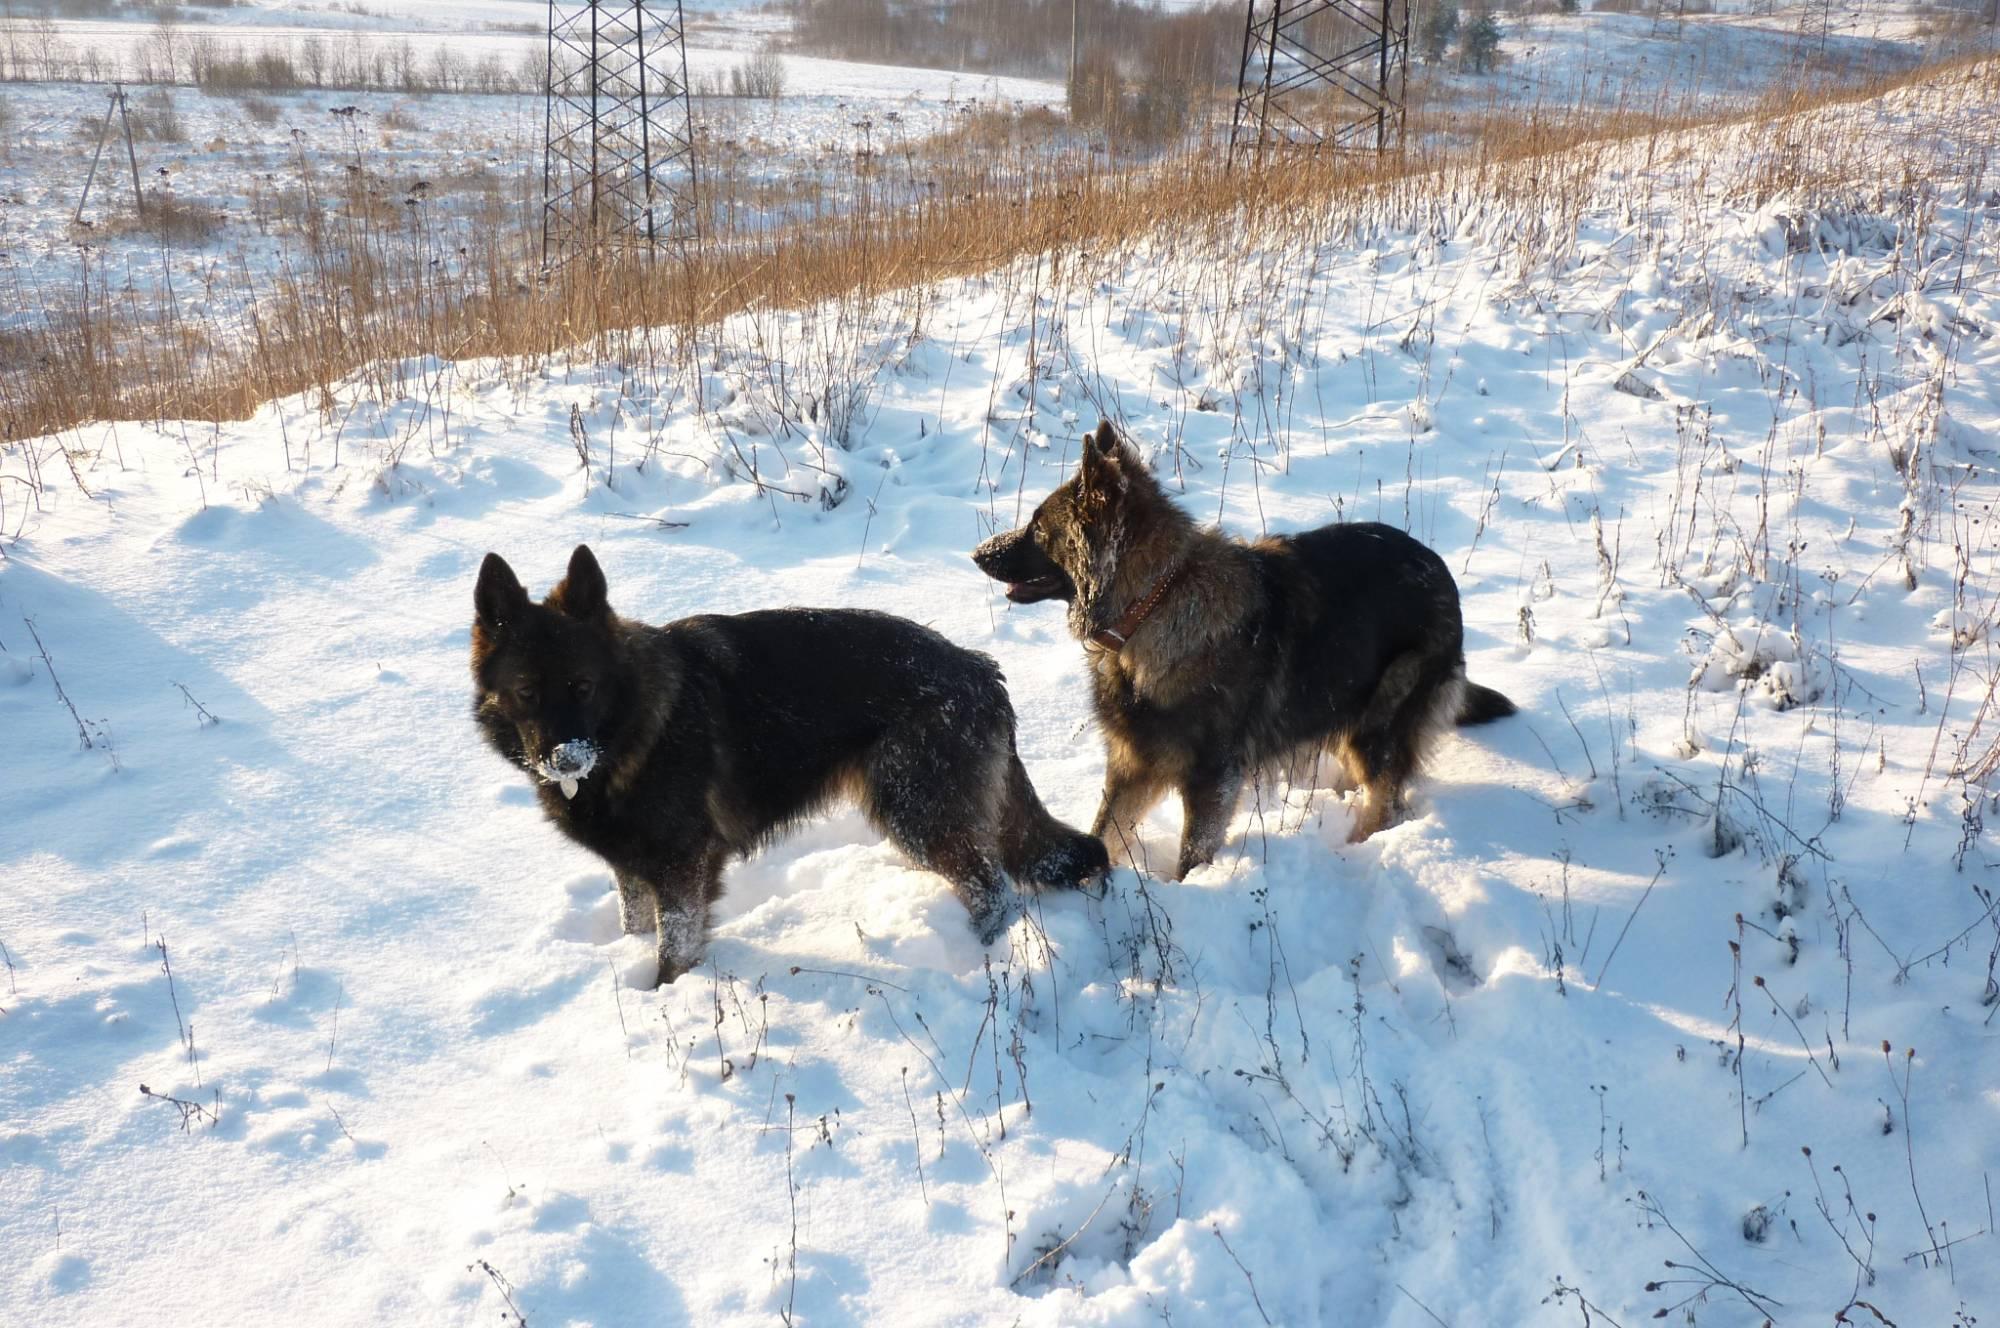 немецкая овчарка фото Веста'с Волкер и Ной'с Хоранд Барракуда P1130072